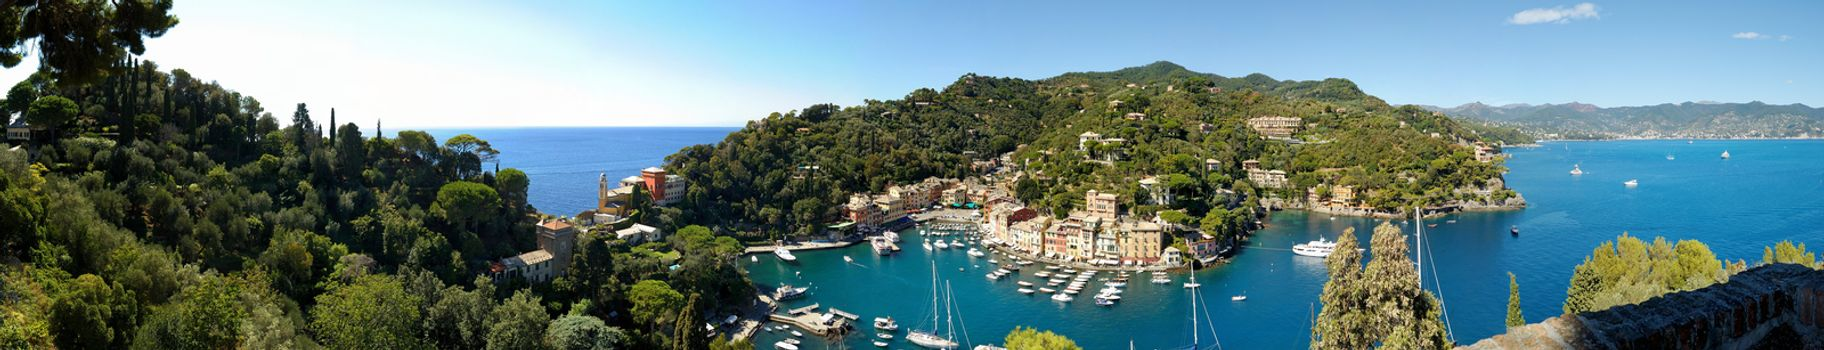 Panorama of Portofino town